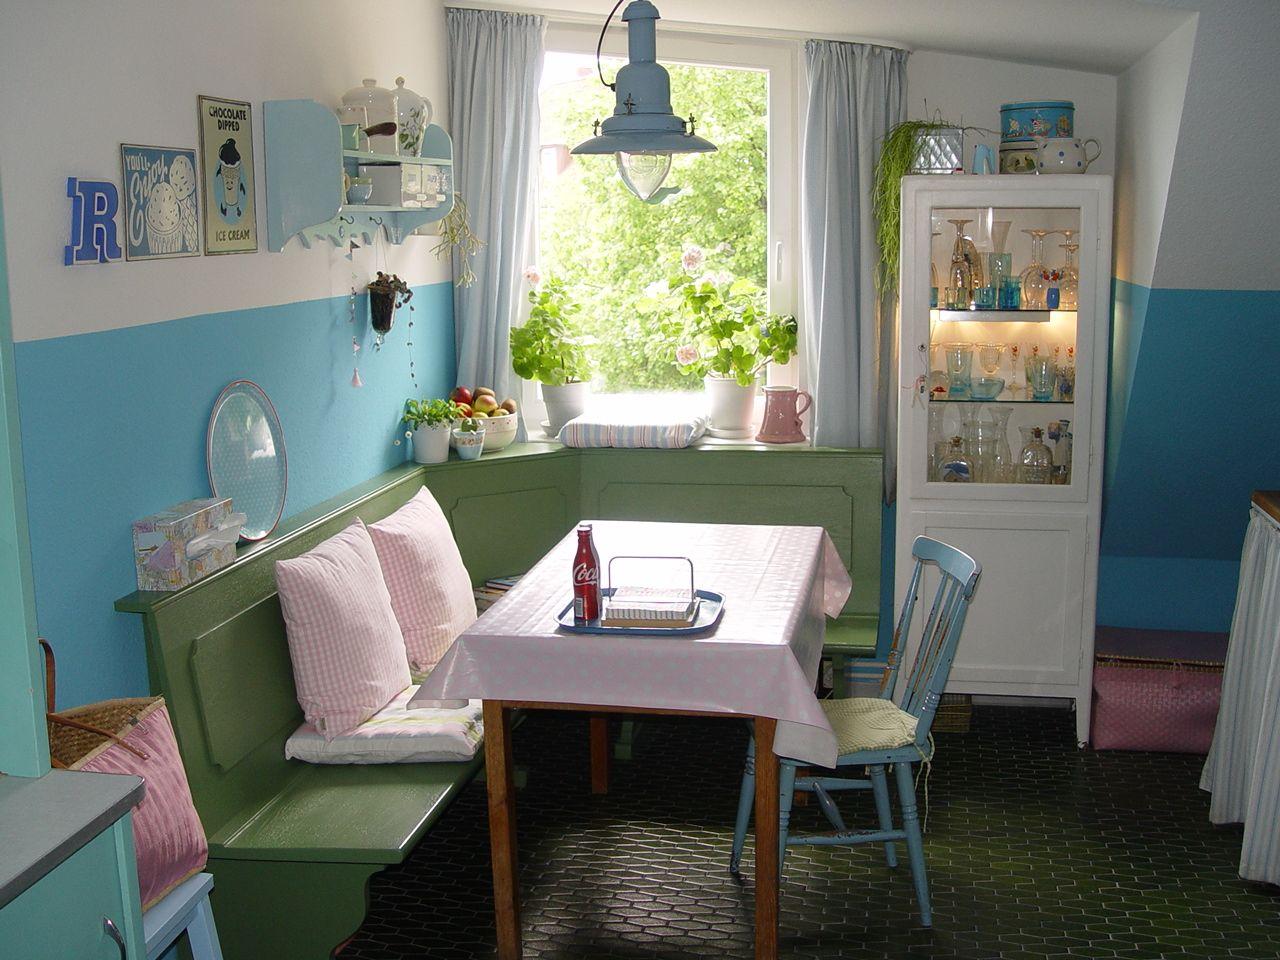 Atemberaubend Farbschemata Für Küche Speisesäle Fotos ...